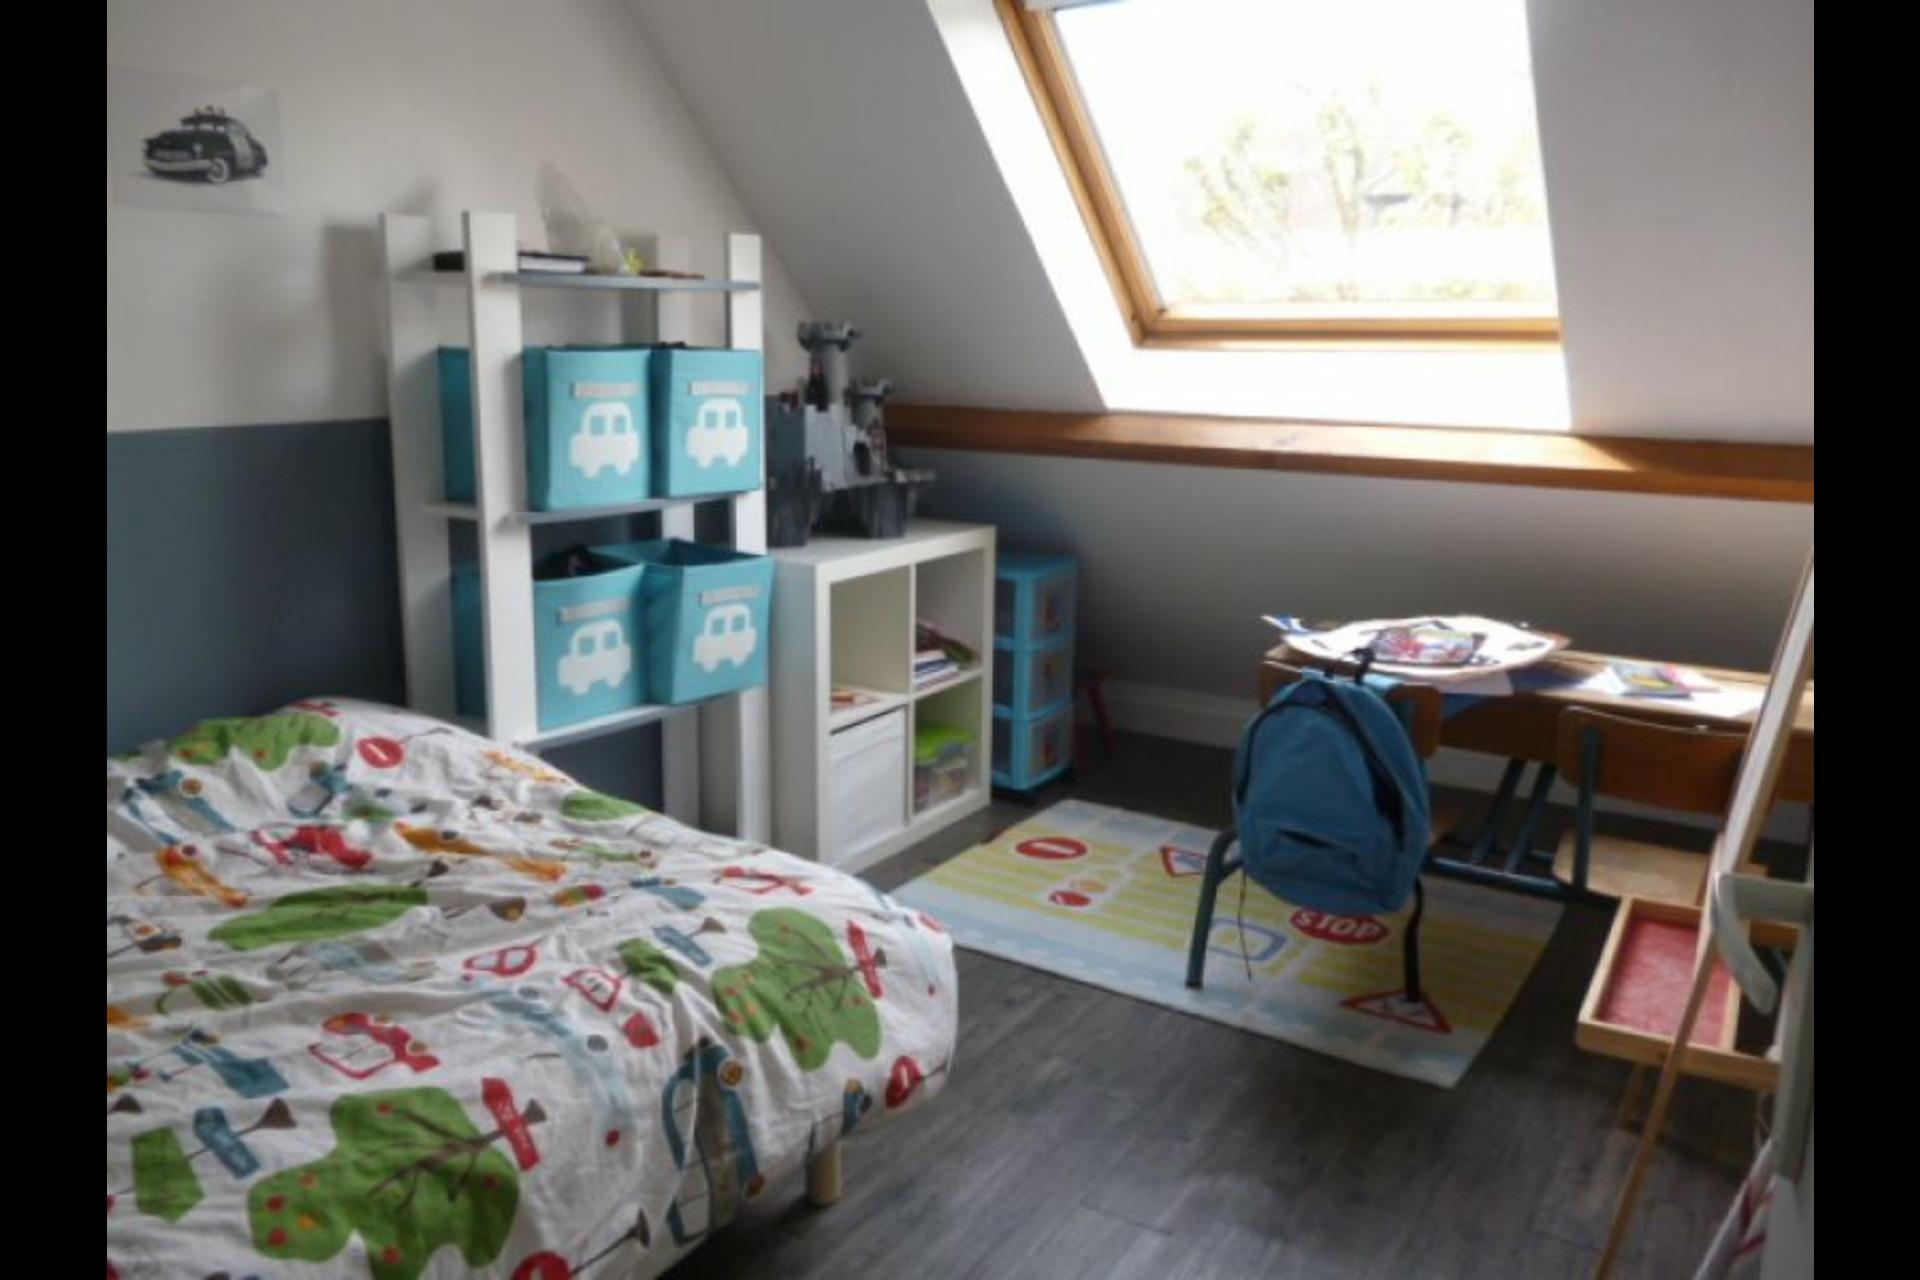 image 3 - House For rent saint nom la breteche - 6 rooms